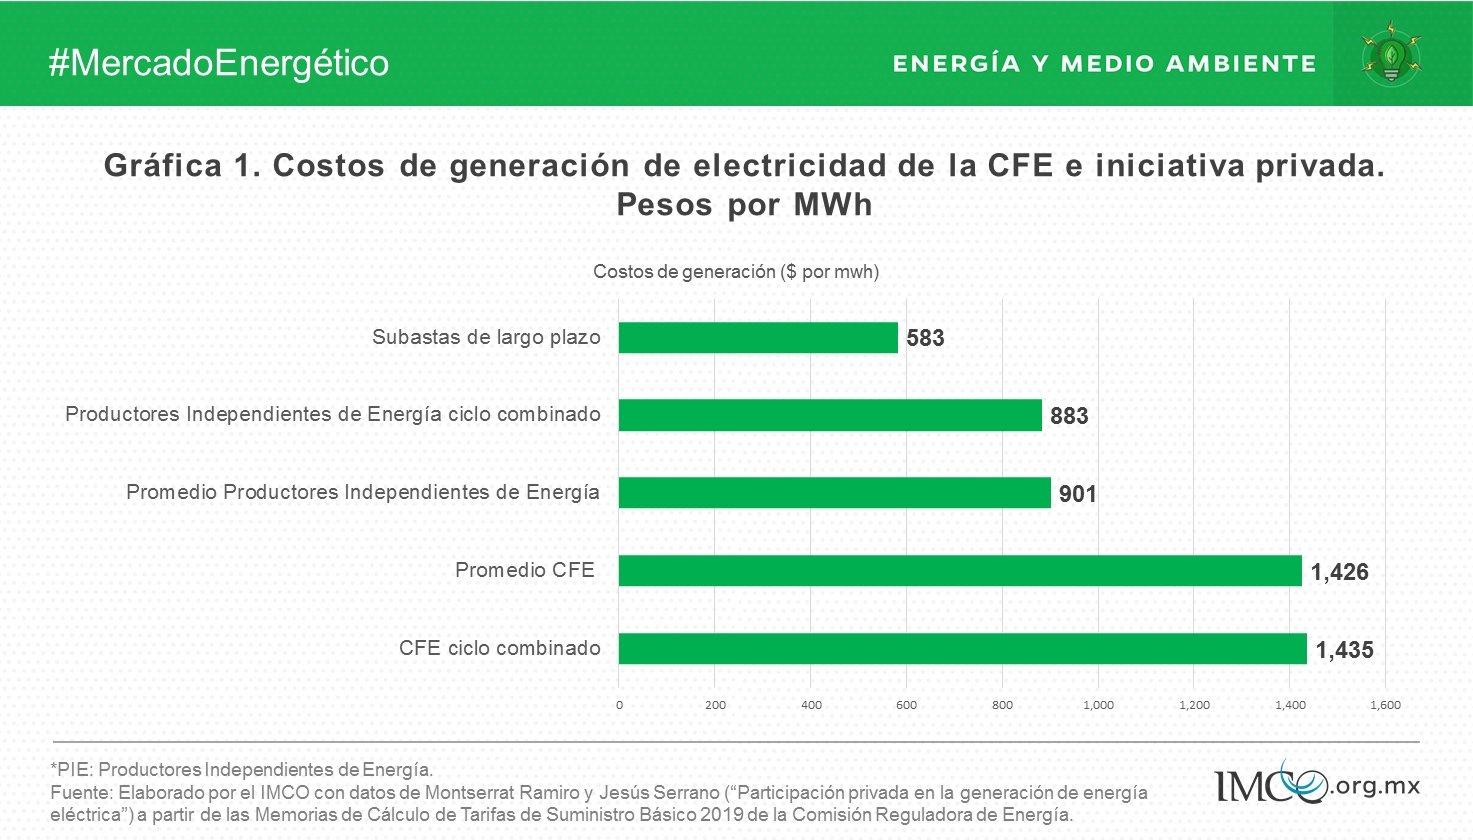 IMCO-costos-generacion-electrica